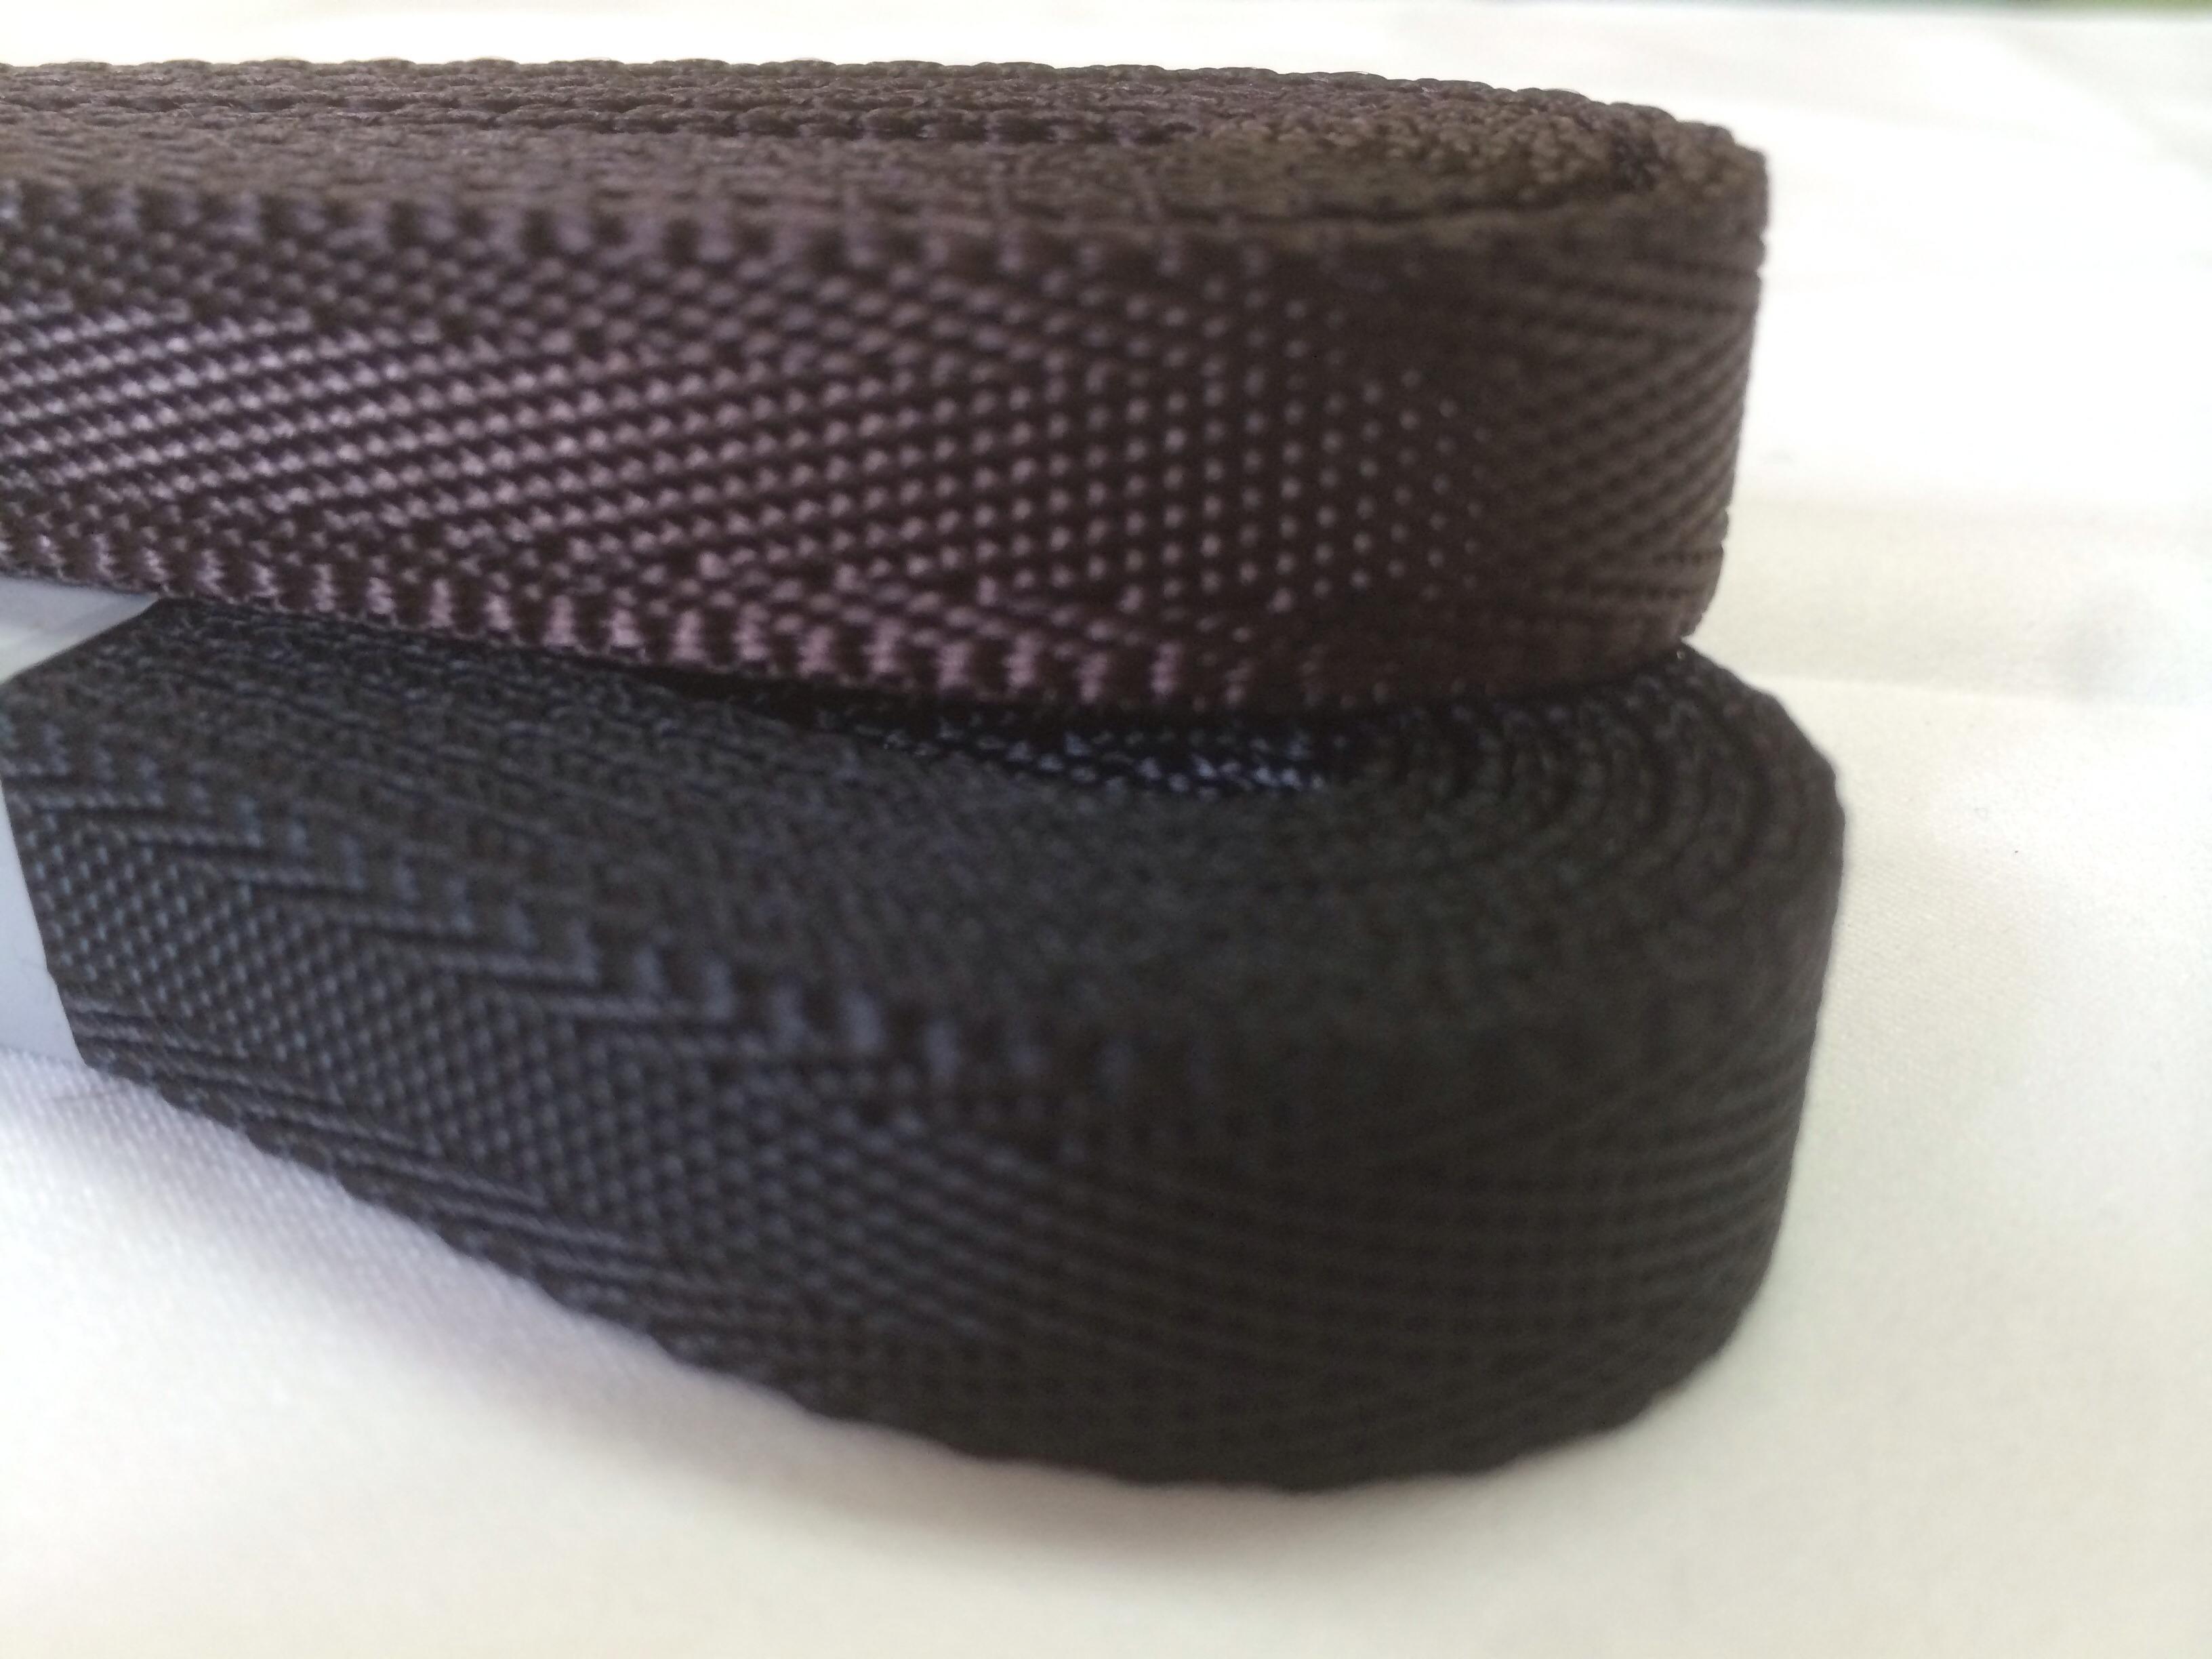 ナイロン シート織 20mm幅 1.3mm厚 1m 黒